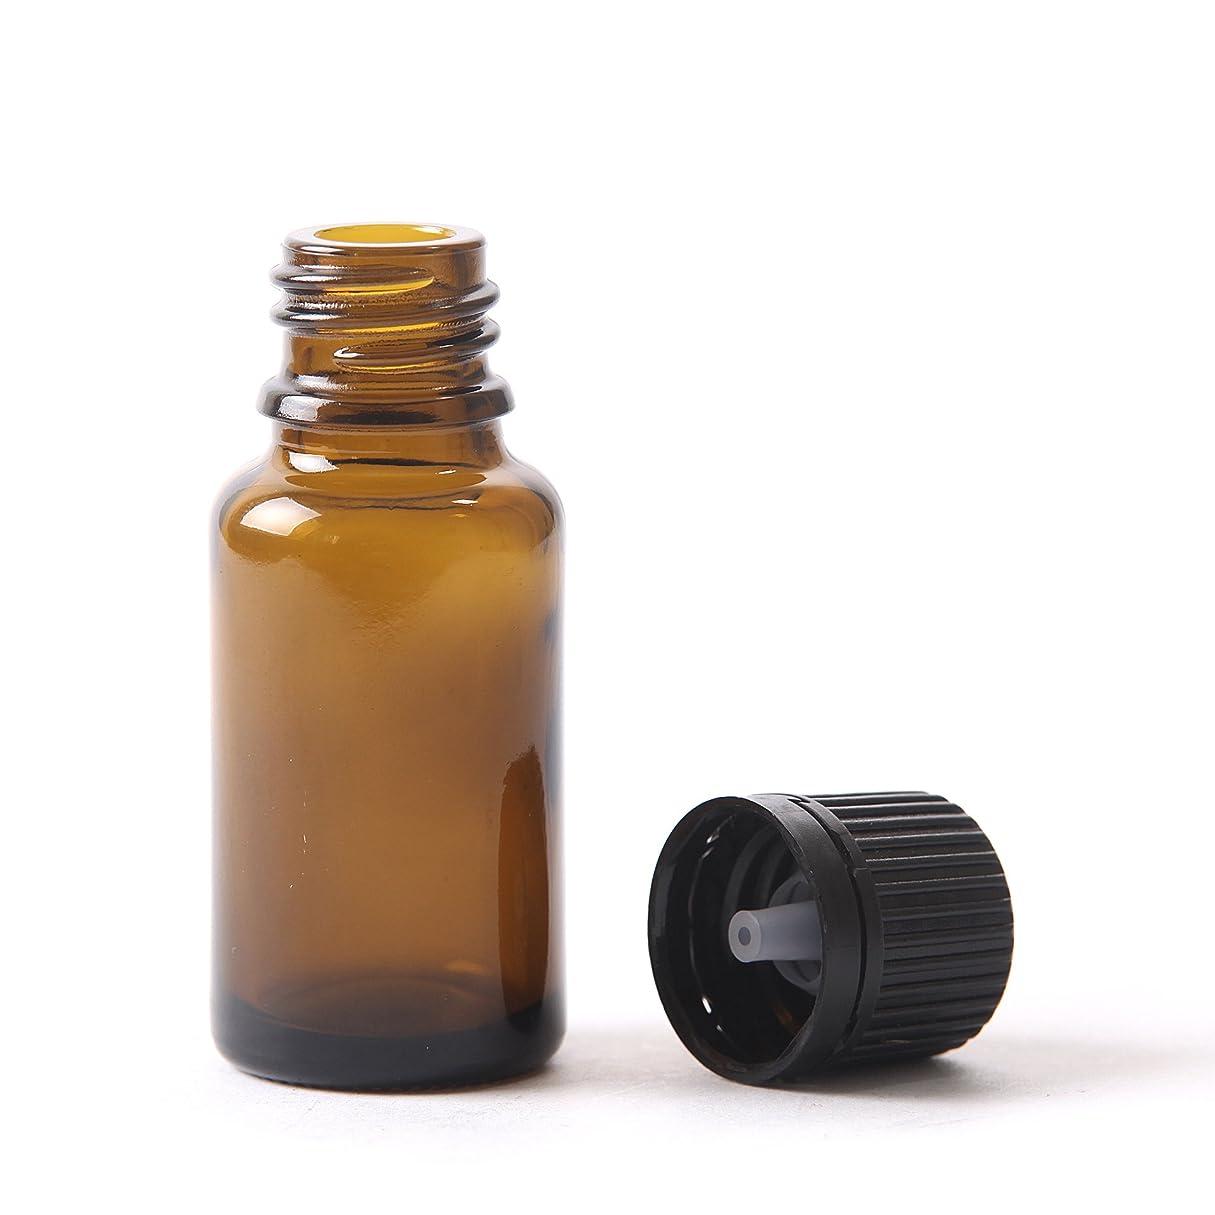 アサートさせる繰り返す(10) - 15ml Amber Glass Boston Round Bottle (With Black Tamper Evident Cap & Dropper) (10)